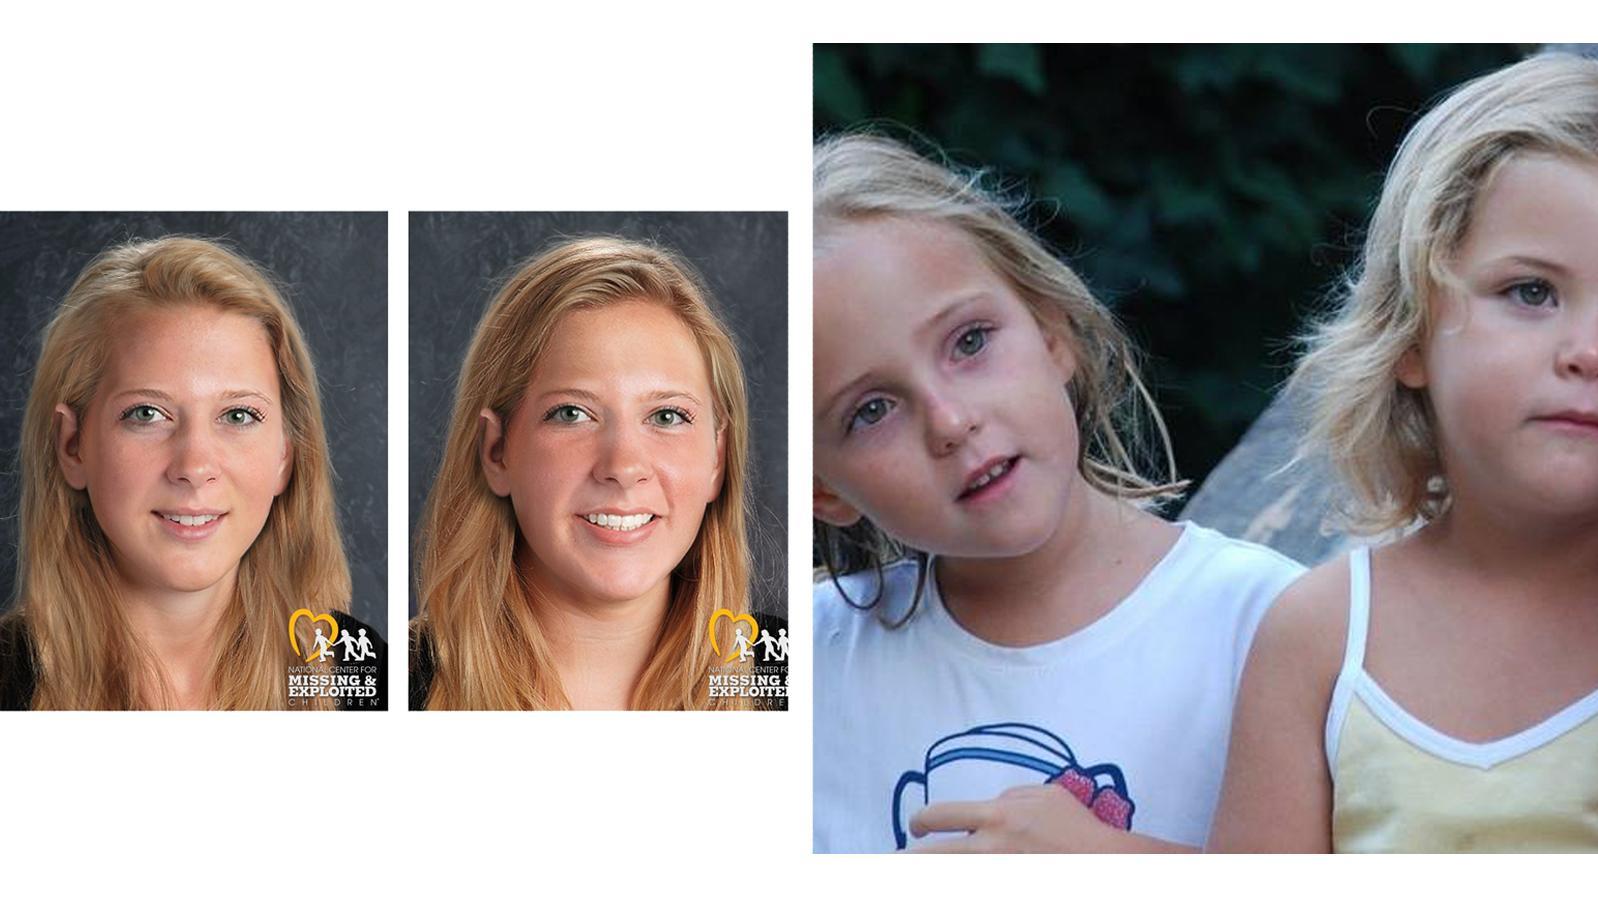 Livia und Alessia Schepp sind seit neun Jahren verschwunden. Mit diesen computergenerierten Bildern erhofft sich Mutter Irina neue Spuren.